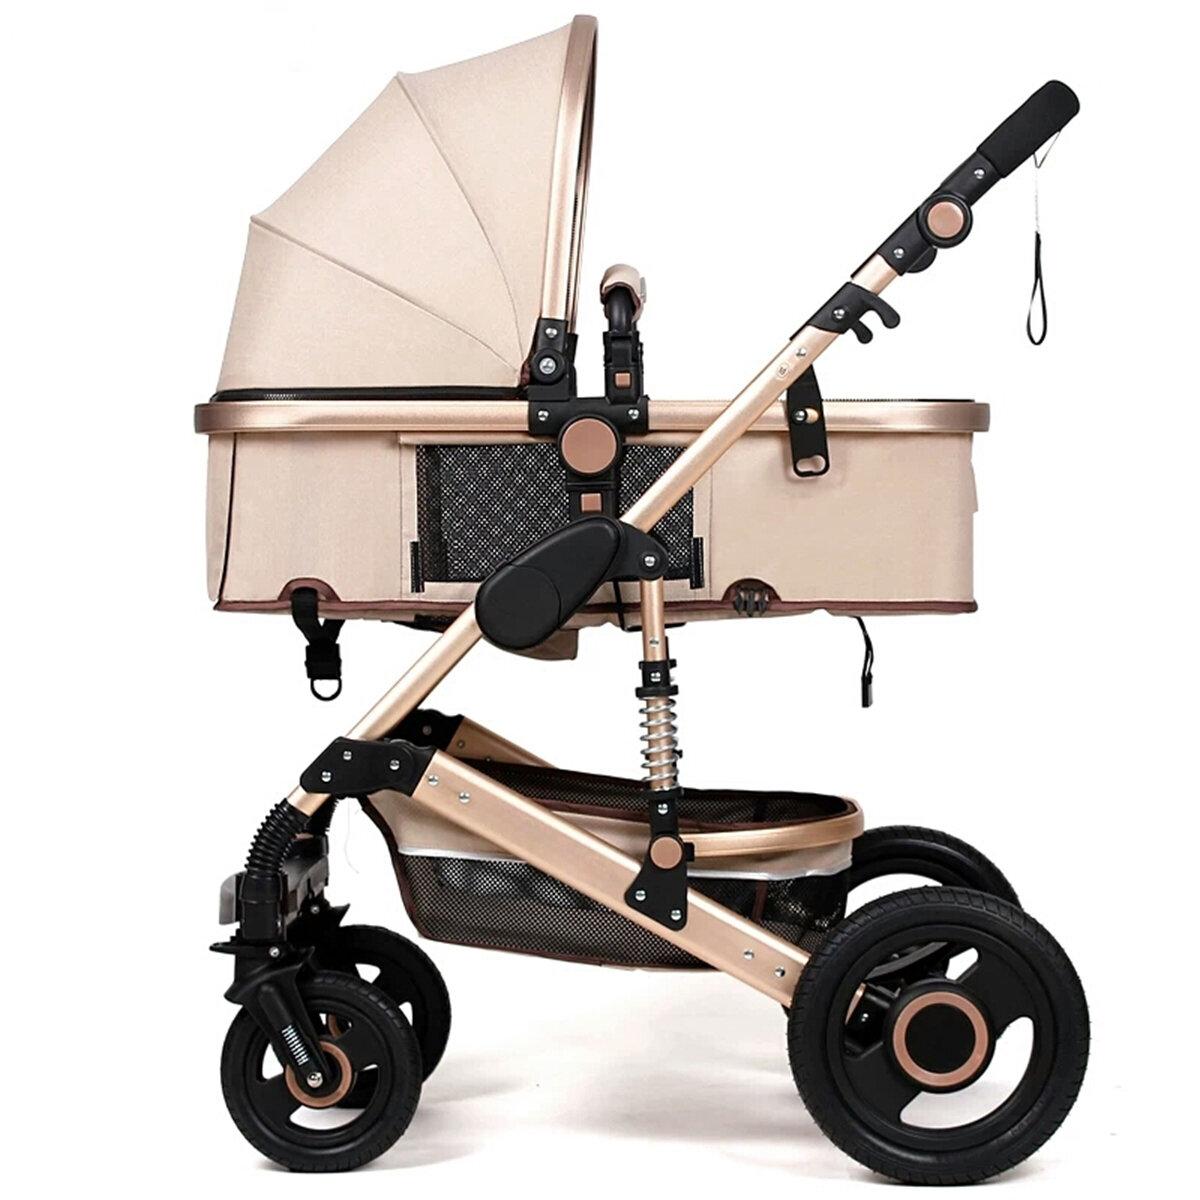 عربة أطفال قابلة للطي وخفيفة الوزن Soft عربة أطفال للسفر أقصى حمولة 25 كجم